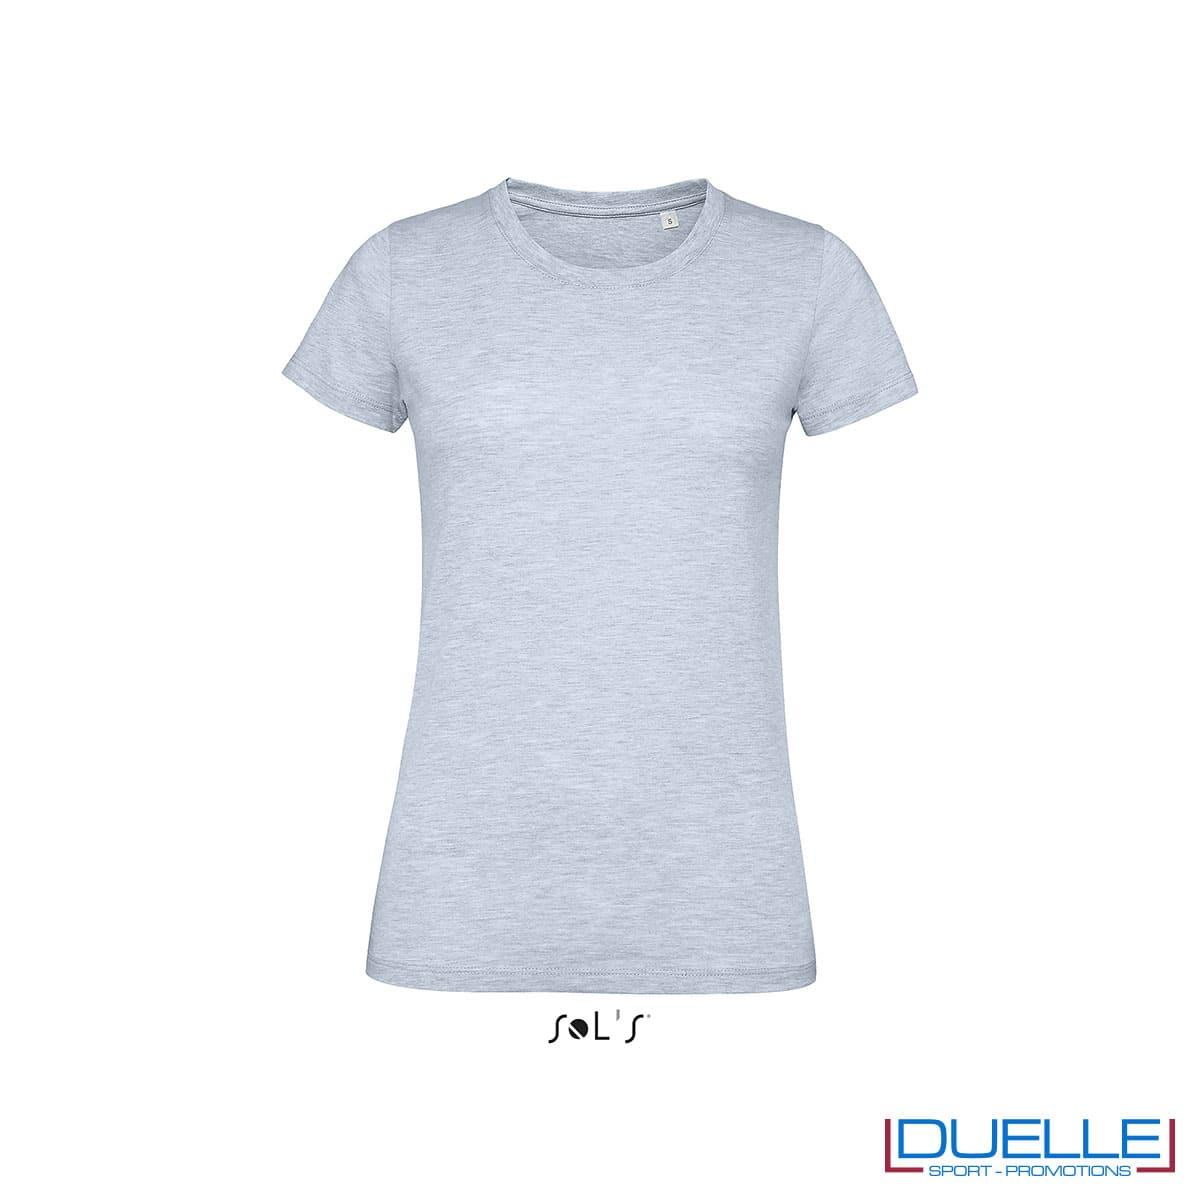 maglietta celeste slim fit donna